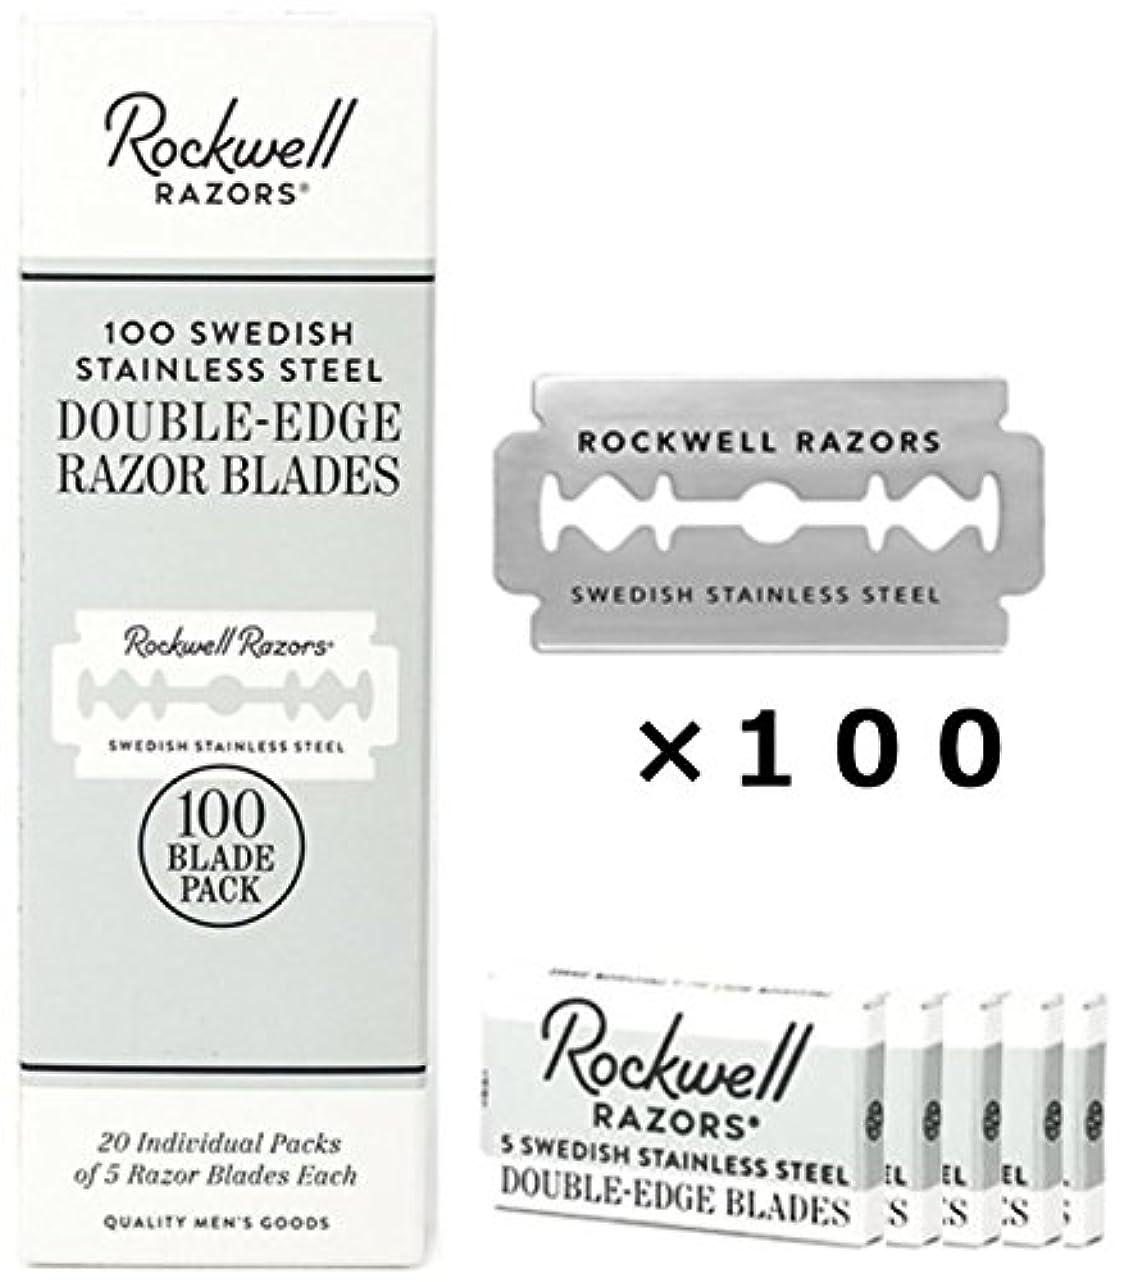 帝国主義パースブラックボロウ翻訳者ロックウェル 両刃 替刃 100枚 (5枚入×20個) セット スウェーデン製 お買い得 パック Rockwell Razors